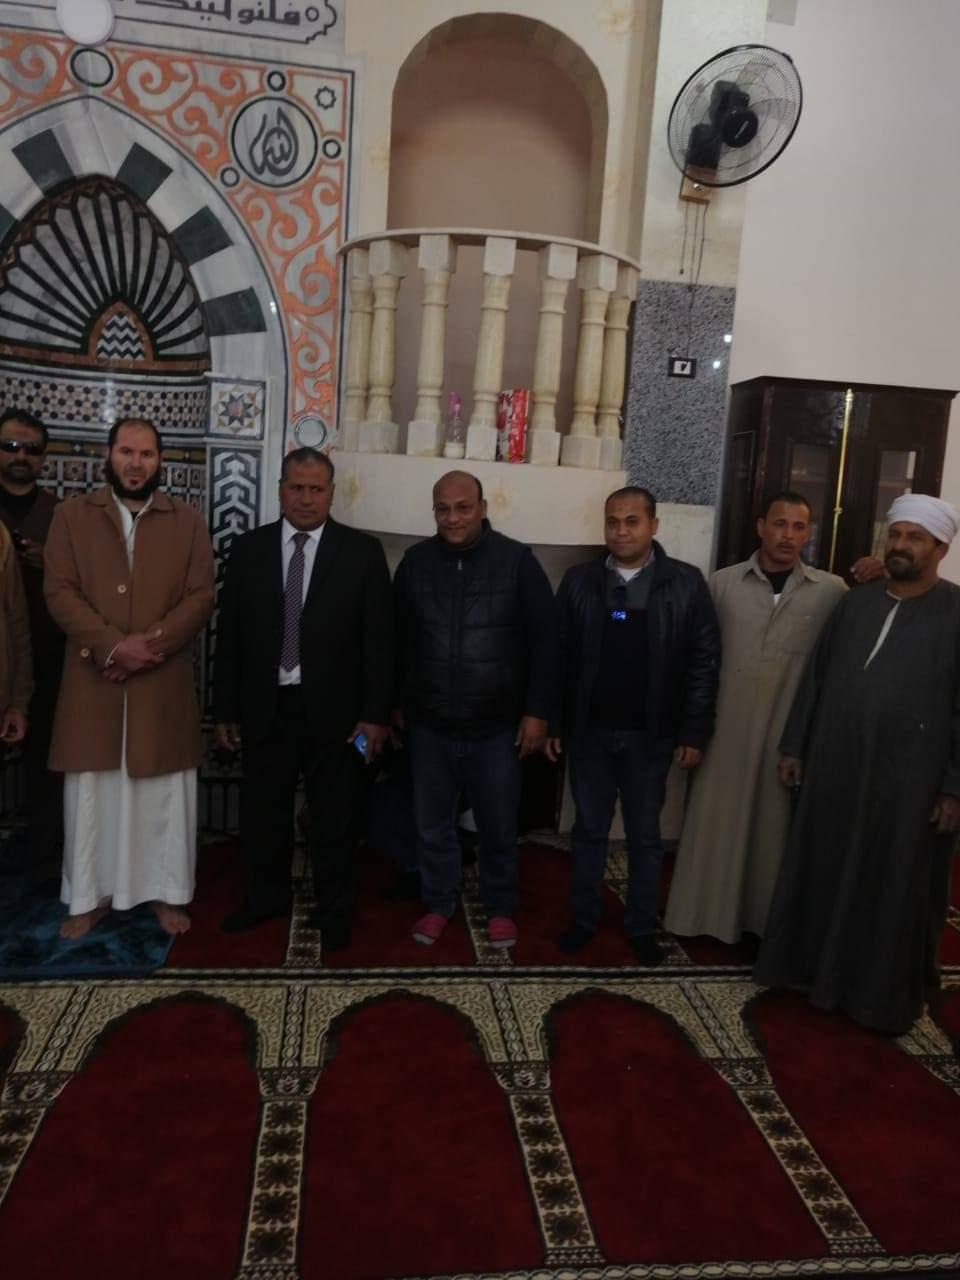 آمنة .. يشيد بجمعية الإورمان لقيامها بتشطيب وفرش مسجد بحوش عيسى